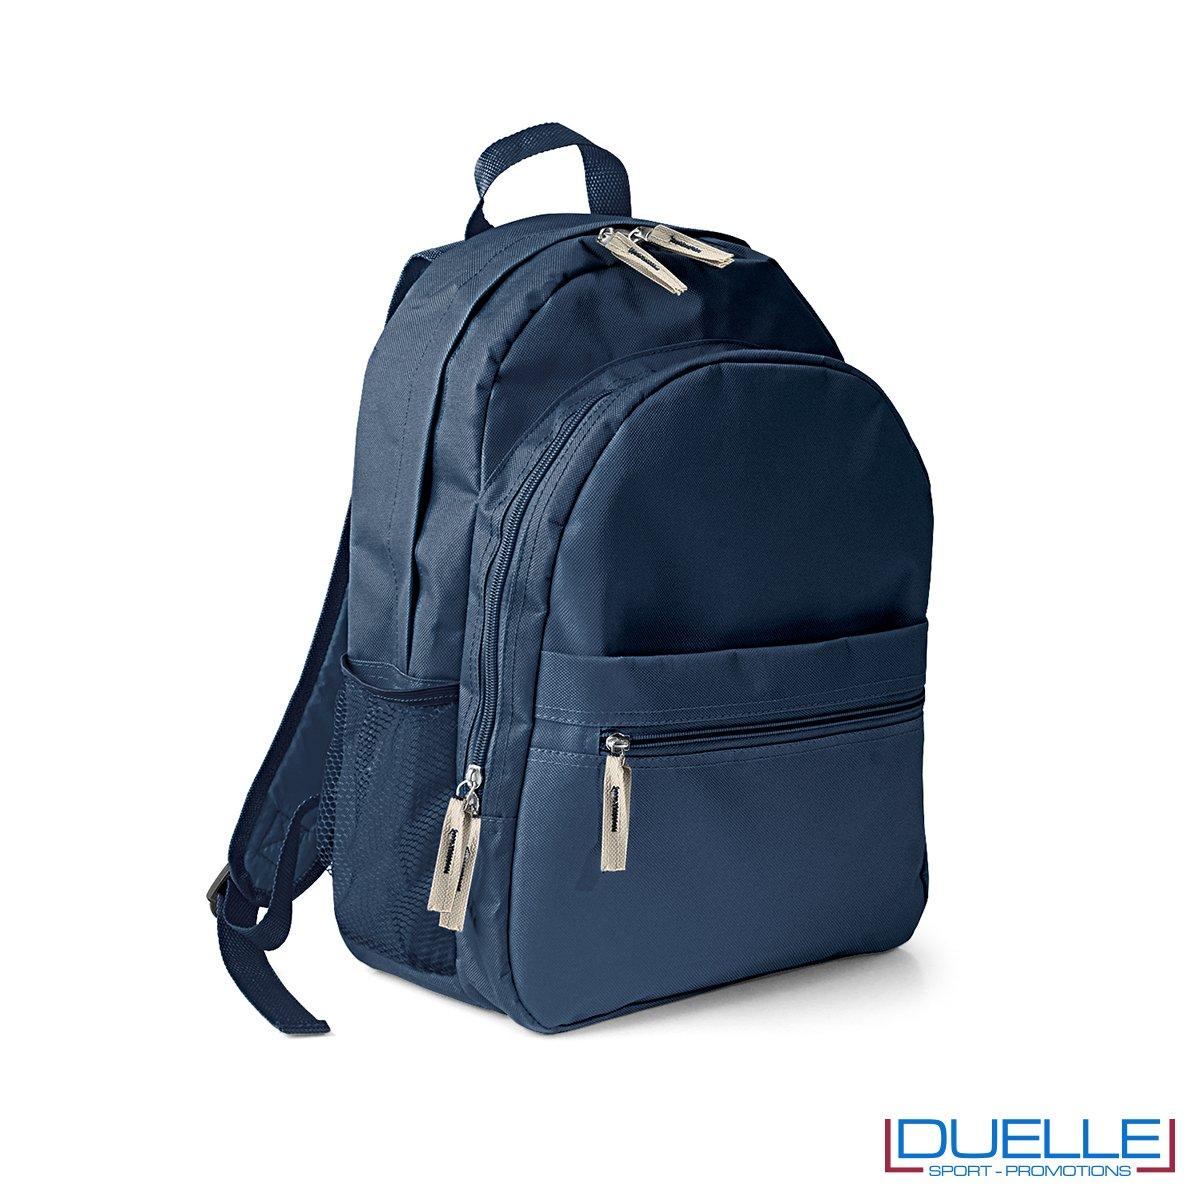 zaino personalizzato, zaino per lo sport e il tempo libero - zaino economico personalizzato blu navy